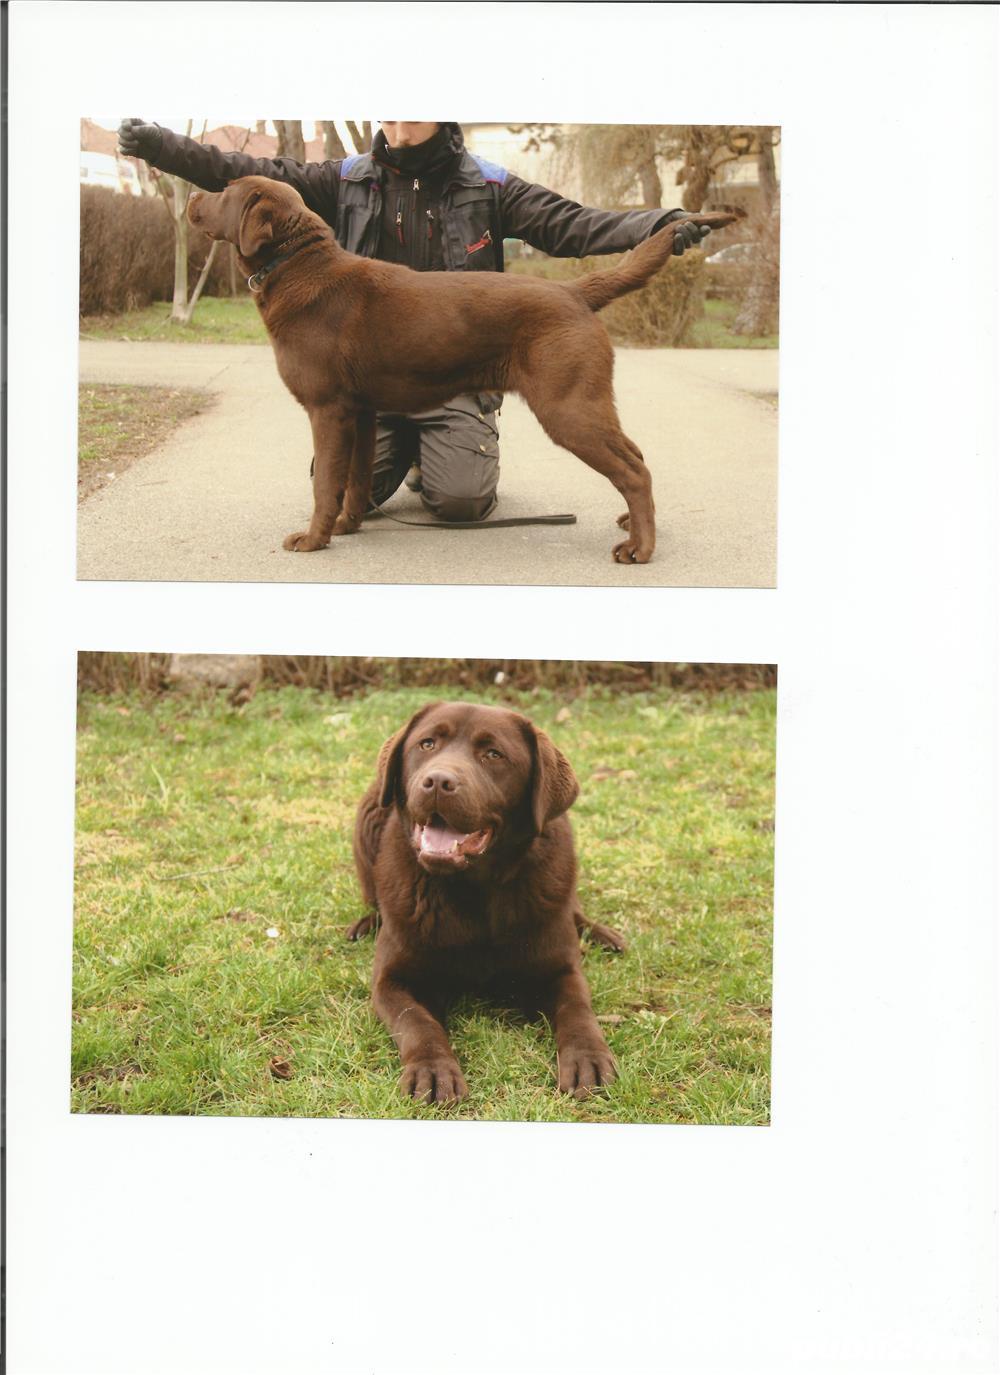 Ofer pentru monta mascul Labrador Retriever ciocolatiu, exemplar deosebit.